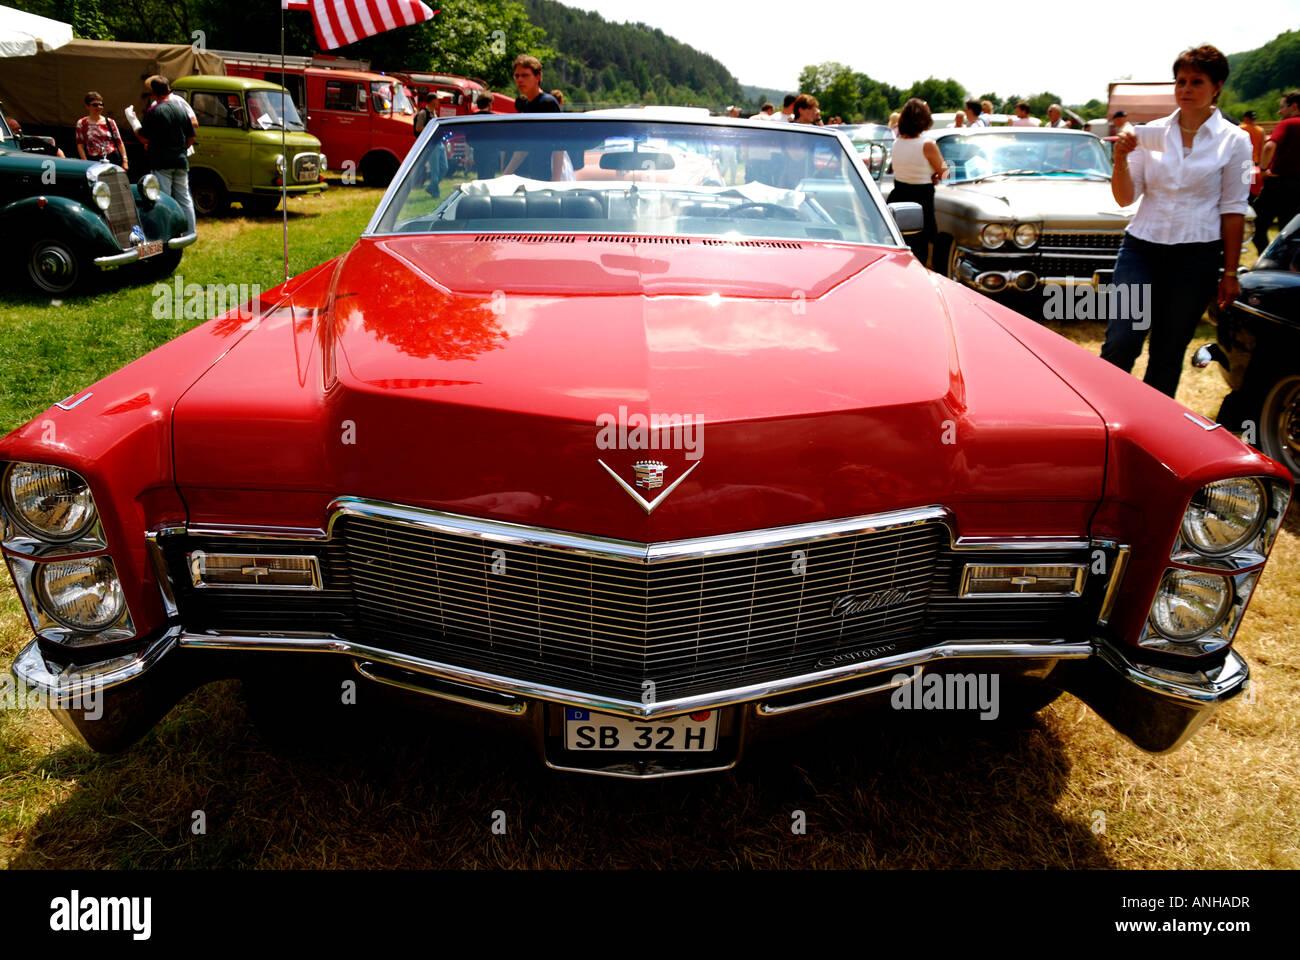 Alte Amerikanische Auto Symbol Amerikanische Oldtimer Deutschland Automobil Auto Oldtimer Amerikanische Auto Spezial Stockfotografie Alamy